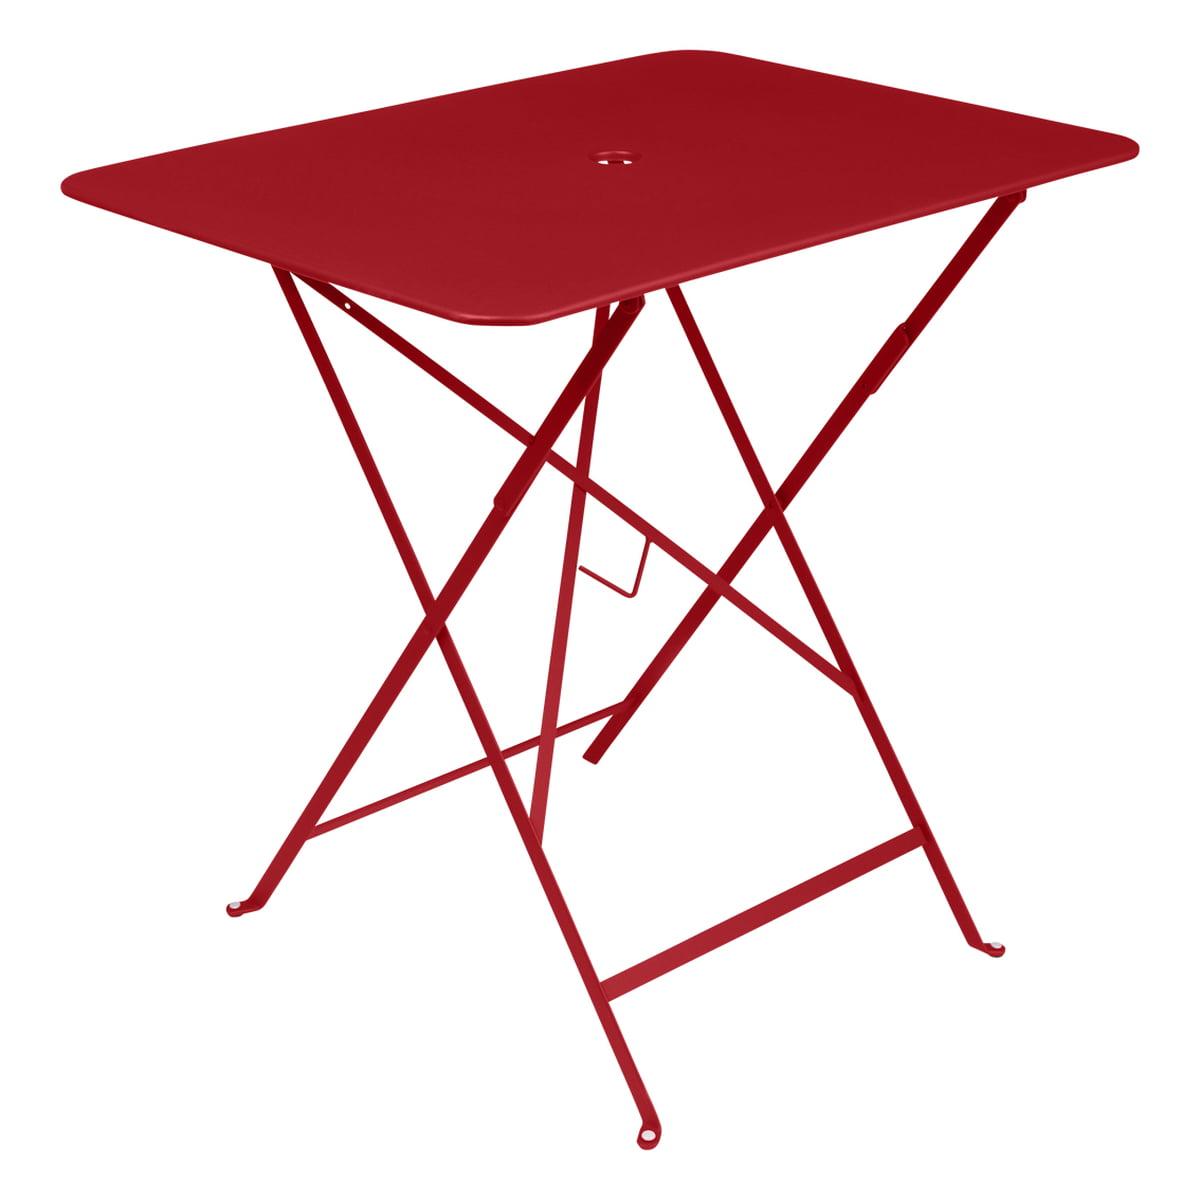 fermob bistro rectangular folding table shop. Black Bedroom Furniture Sets. Home Design Ideas